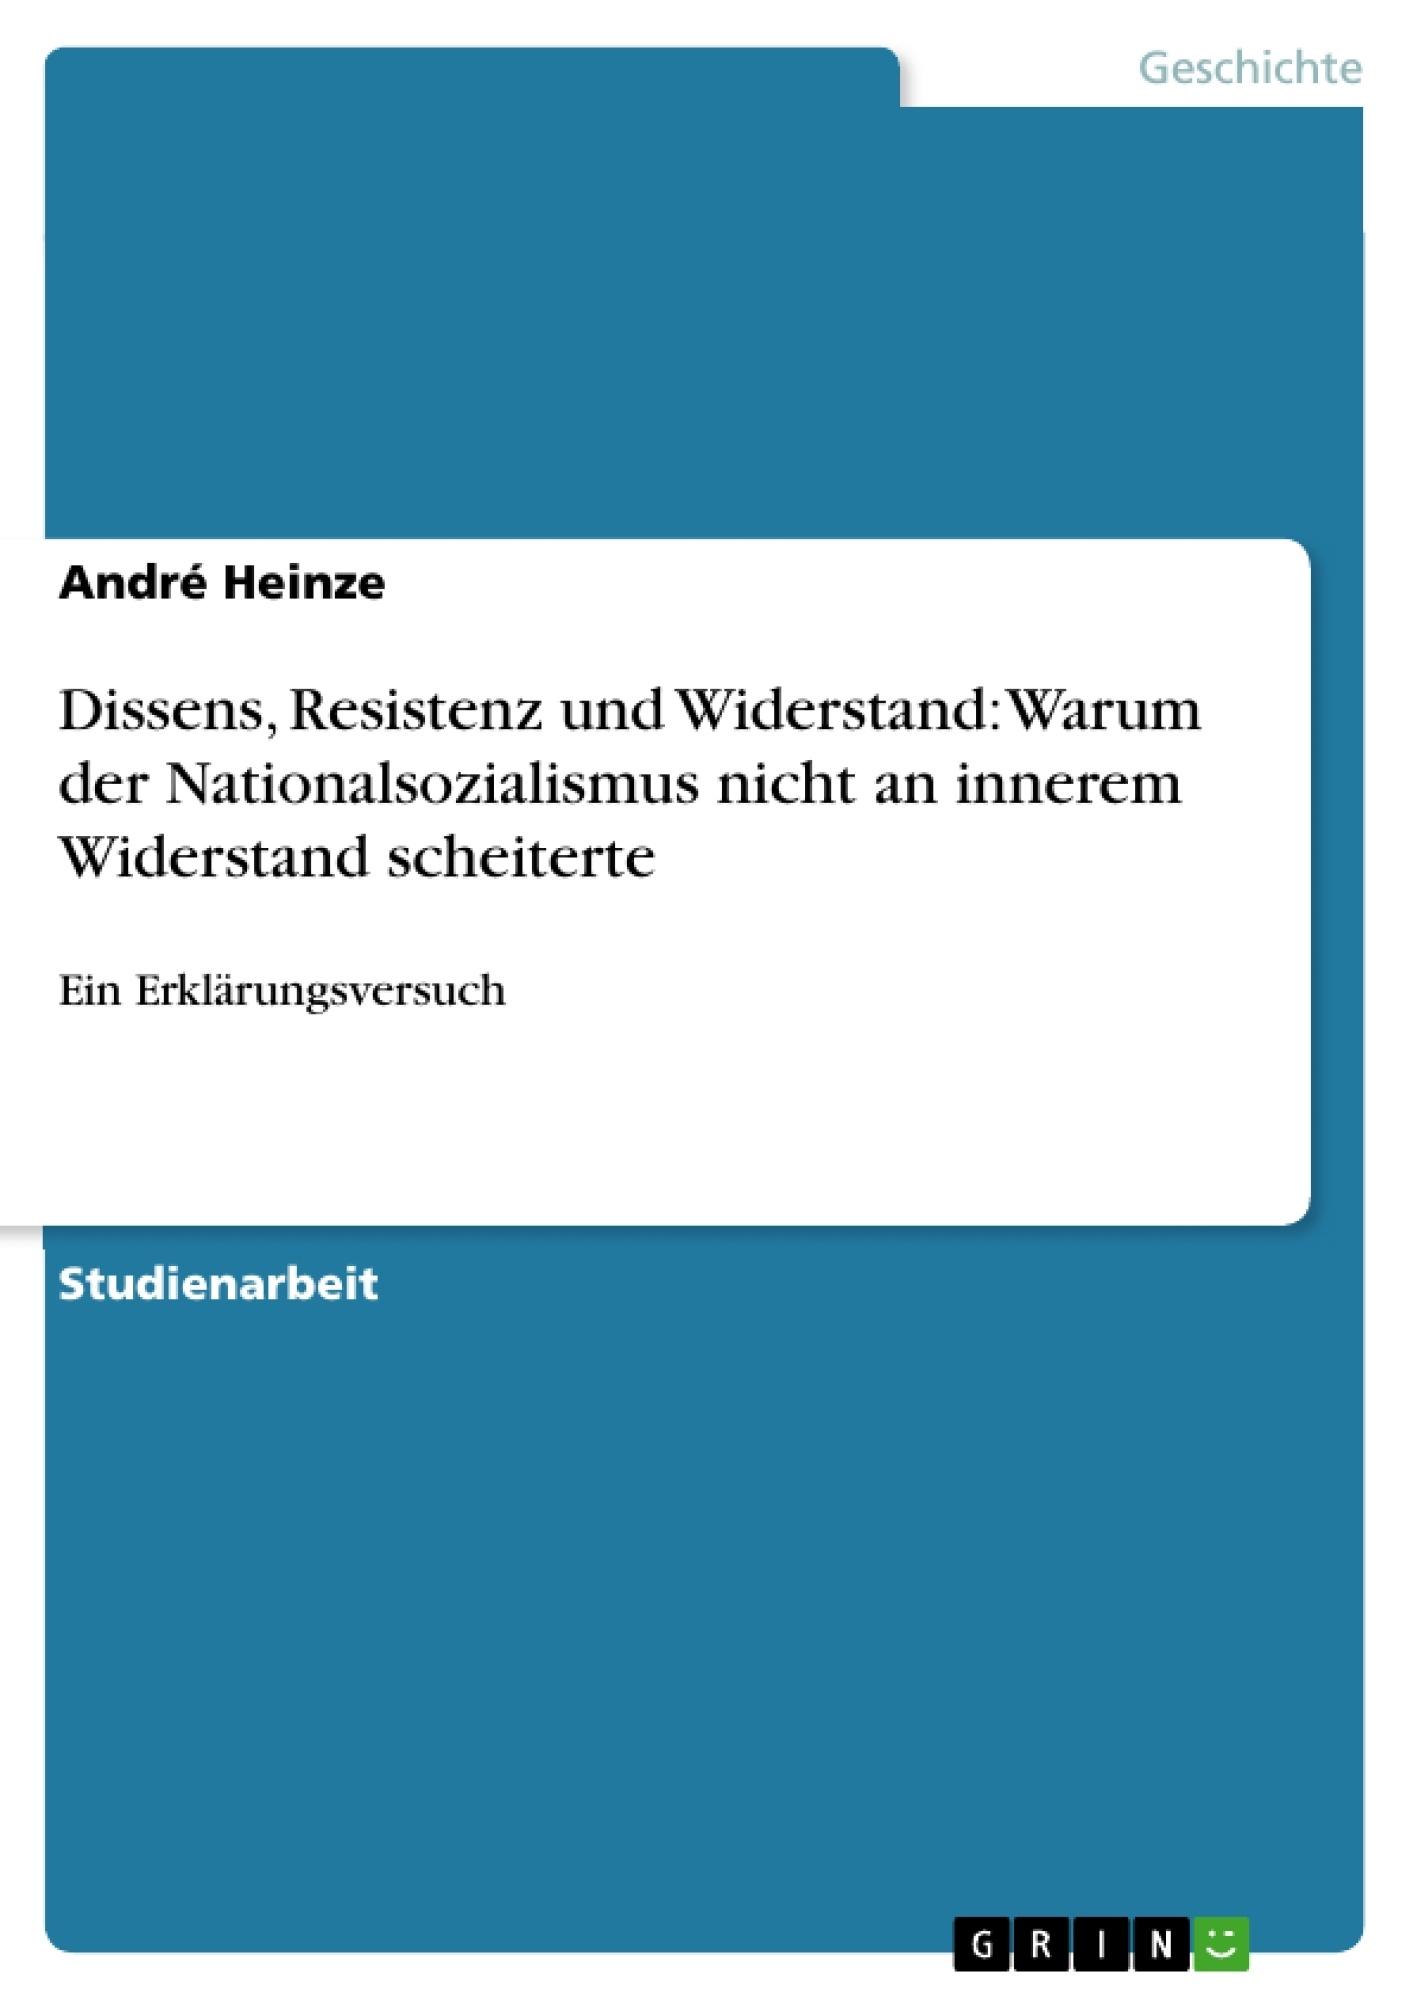 Titel: Dissens, Resistenz und Widerstand: Warum der Nationalsozialismus nicht an innerem Widerstand scheiterte